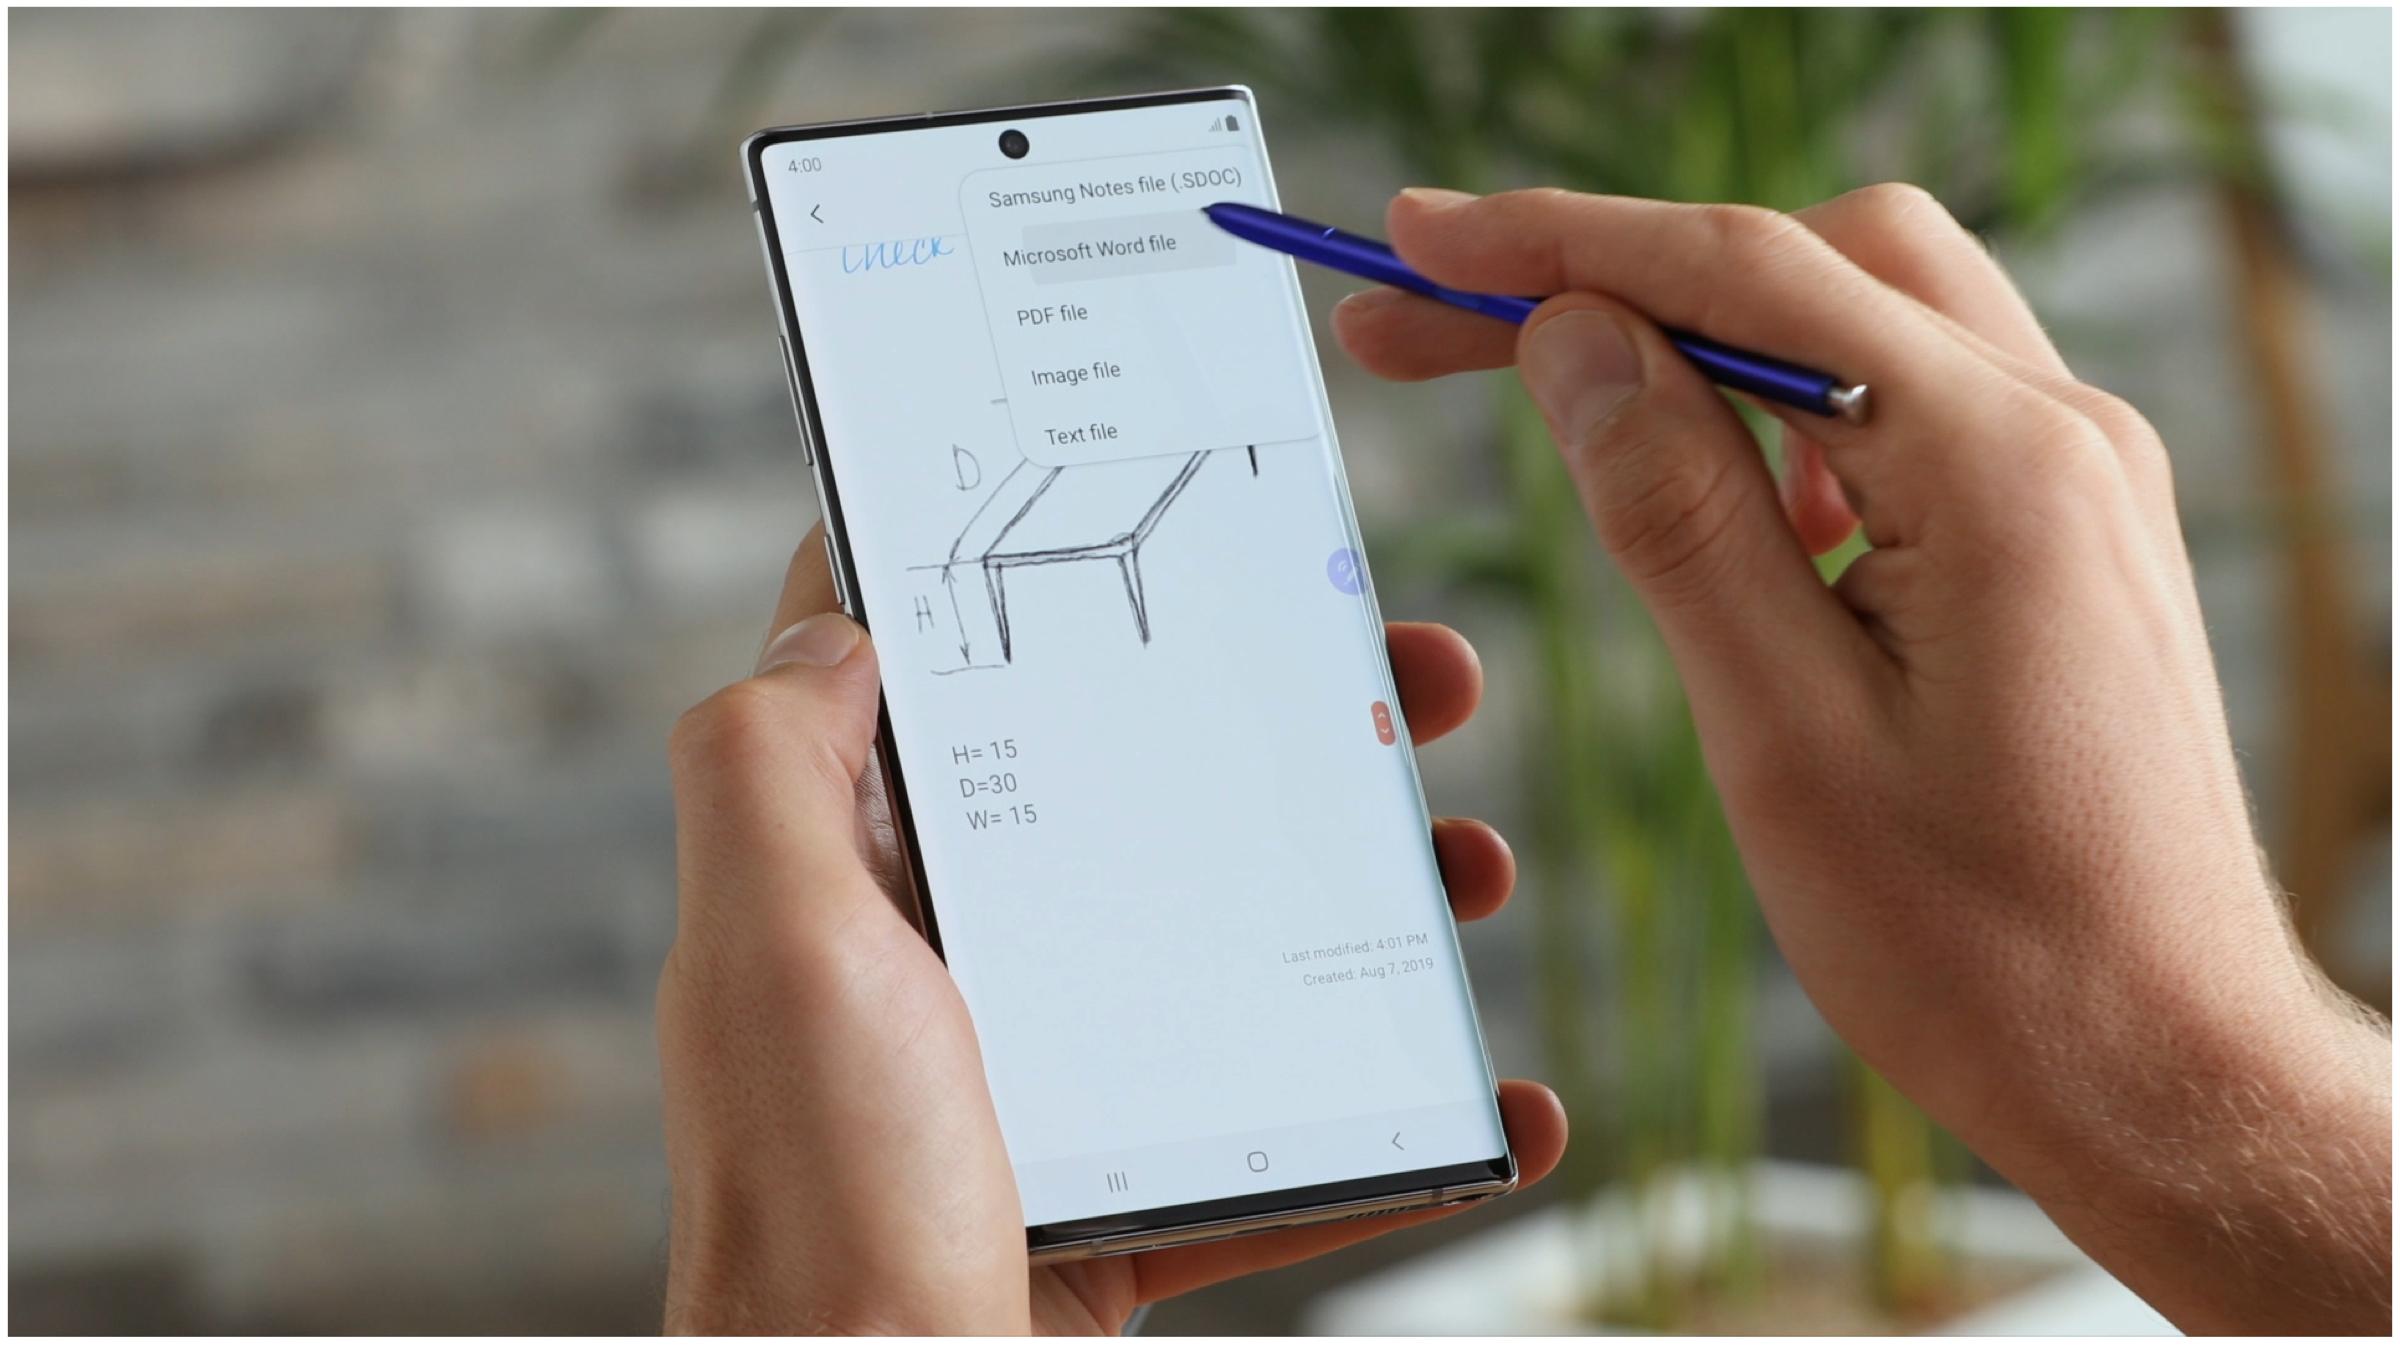 OnePlus 7 Pro Vs Galaxy Note 10+, welches solltest du wählen? 5